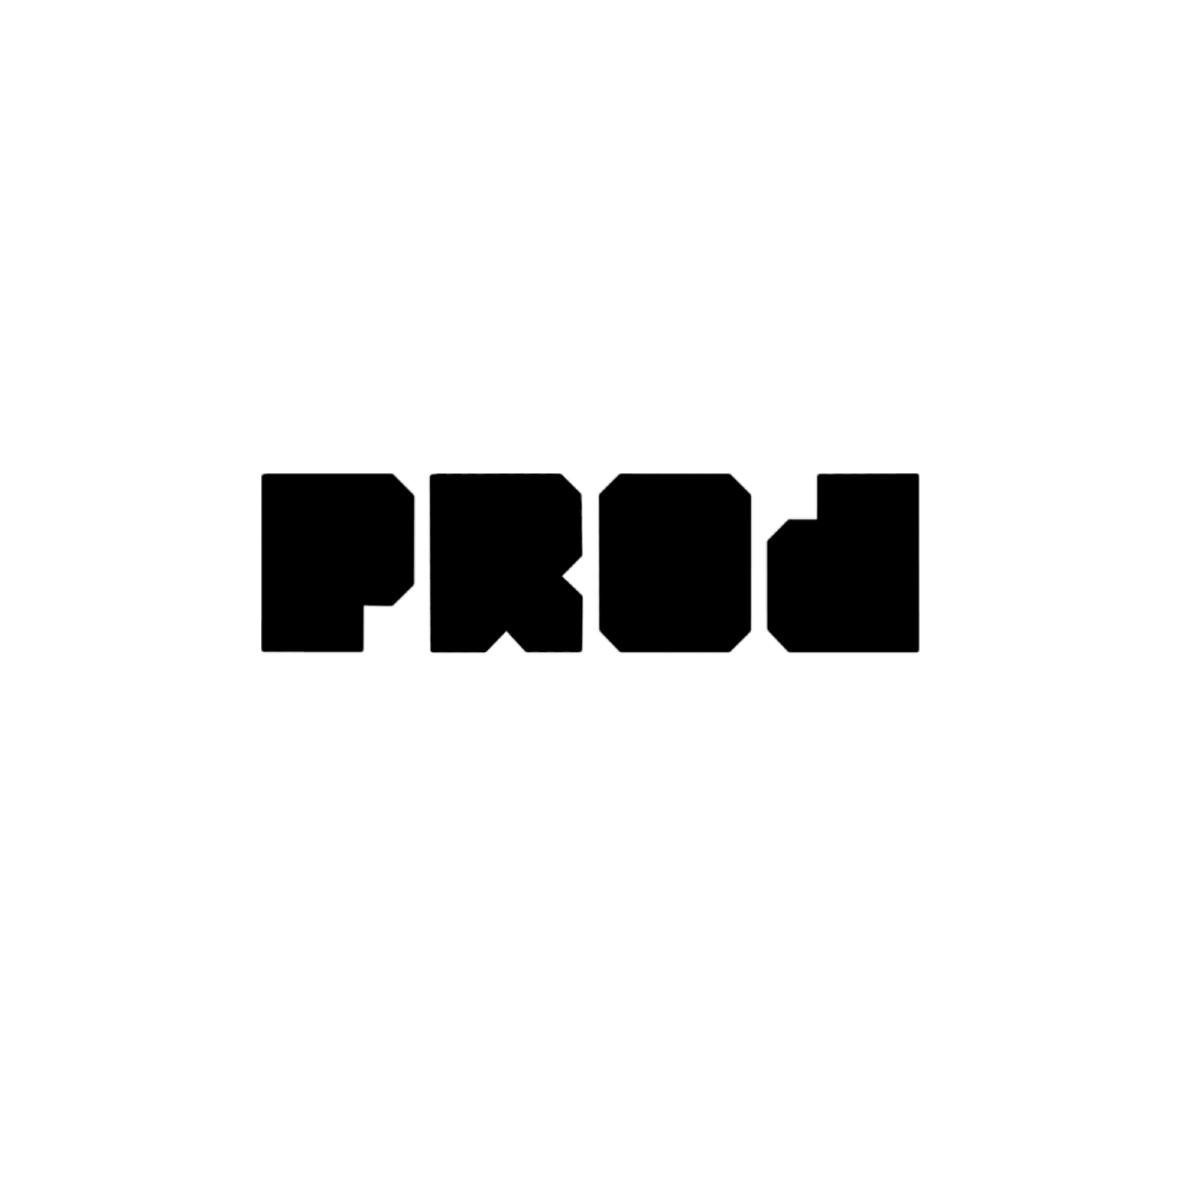 PROD arquitectura & design